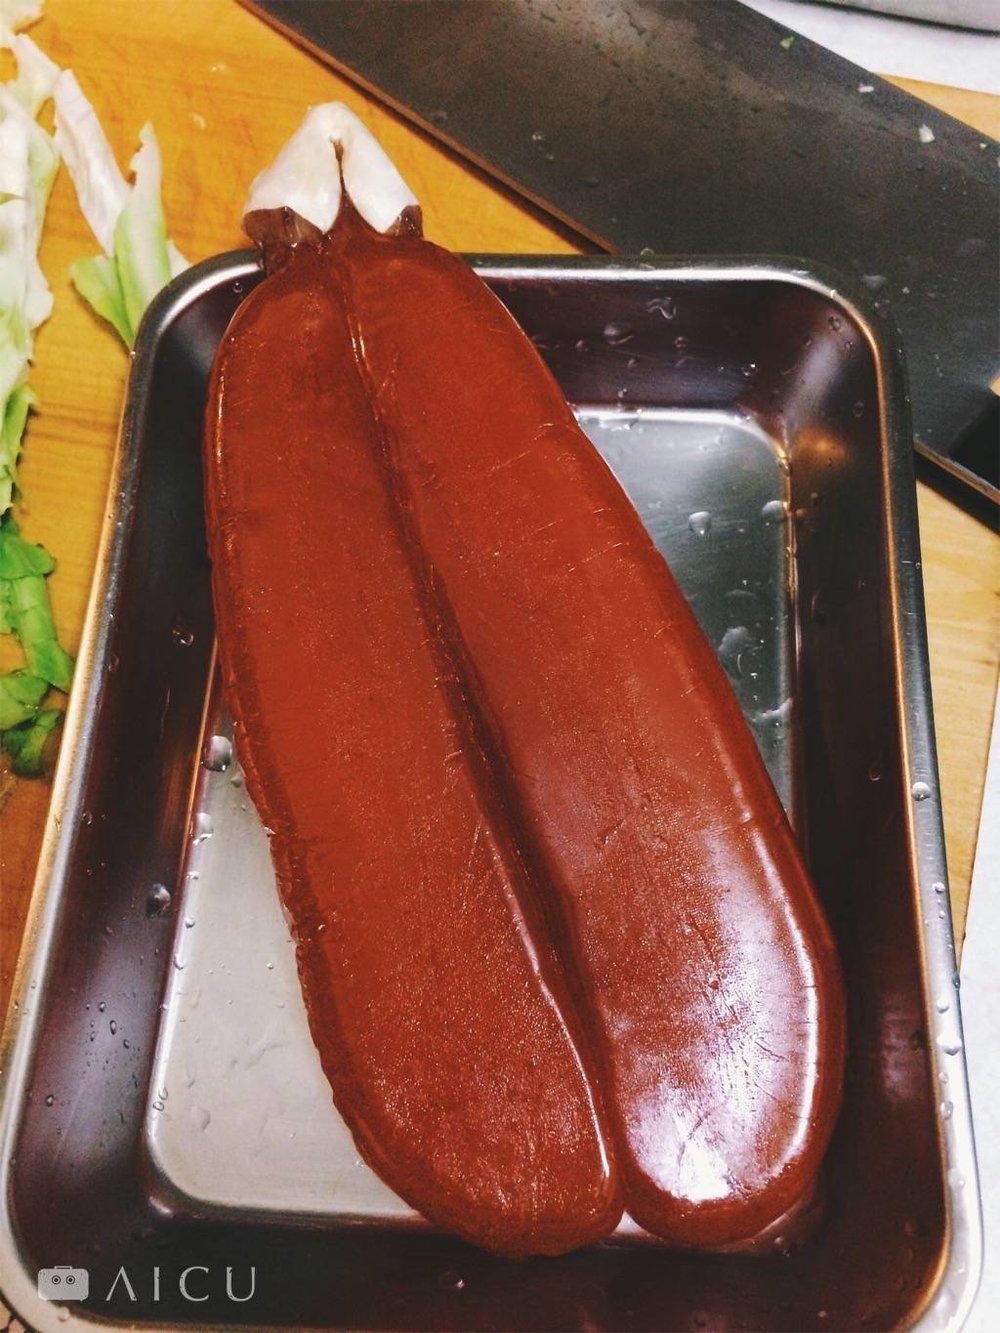 阿禾師六兩烏魚子,用最原味的方式料理,就吃得出最簡單的好味道。